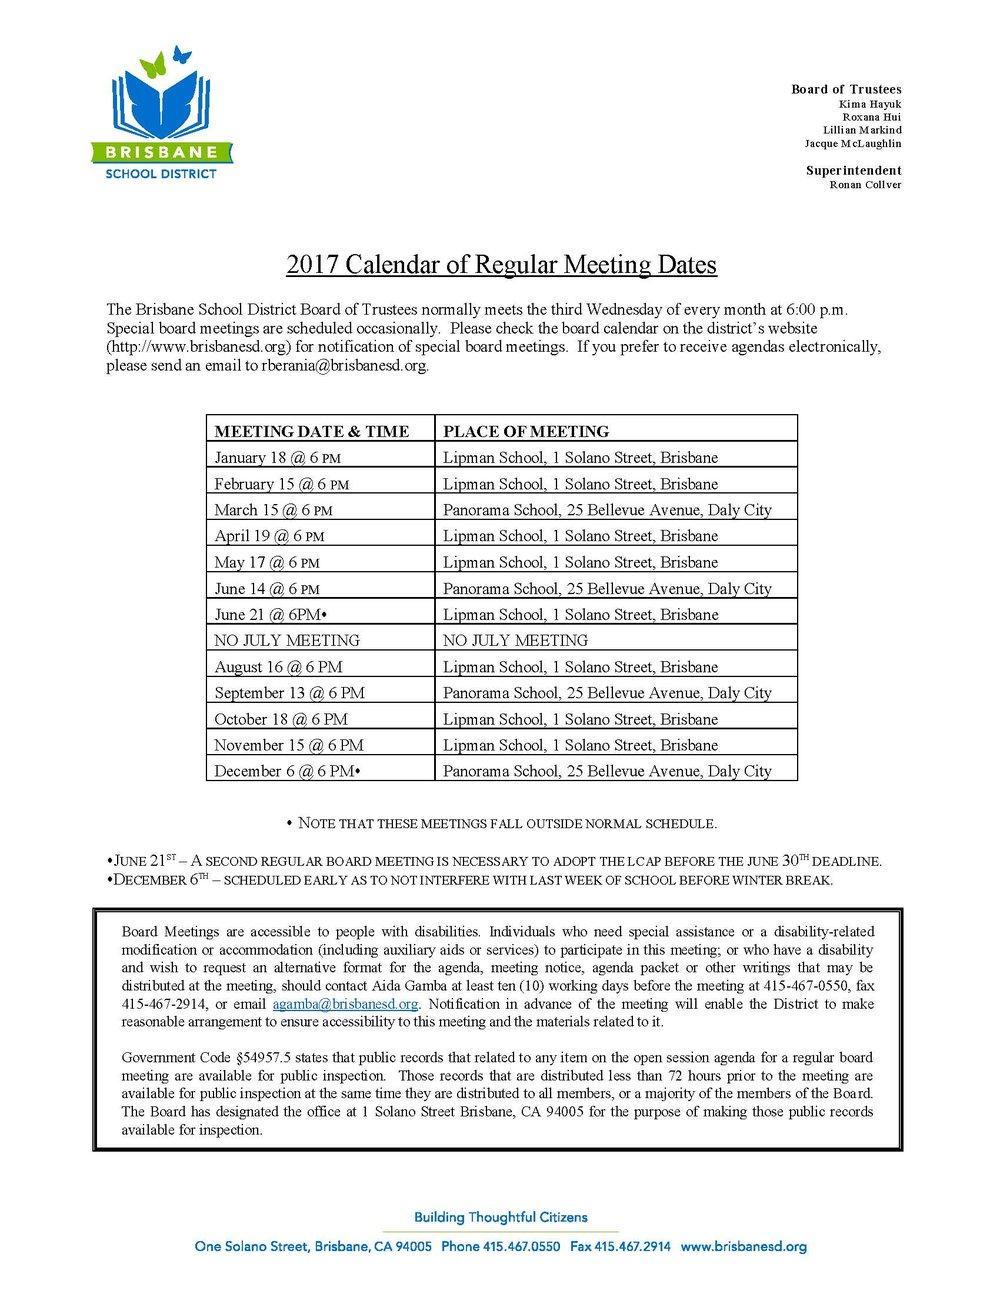 2017 Calendar of Regular Meeting Dates Upd..jpg